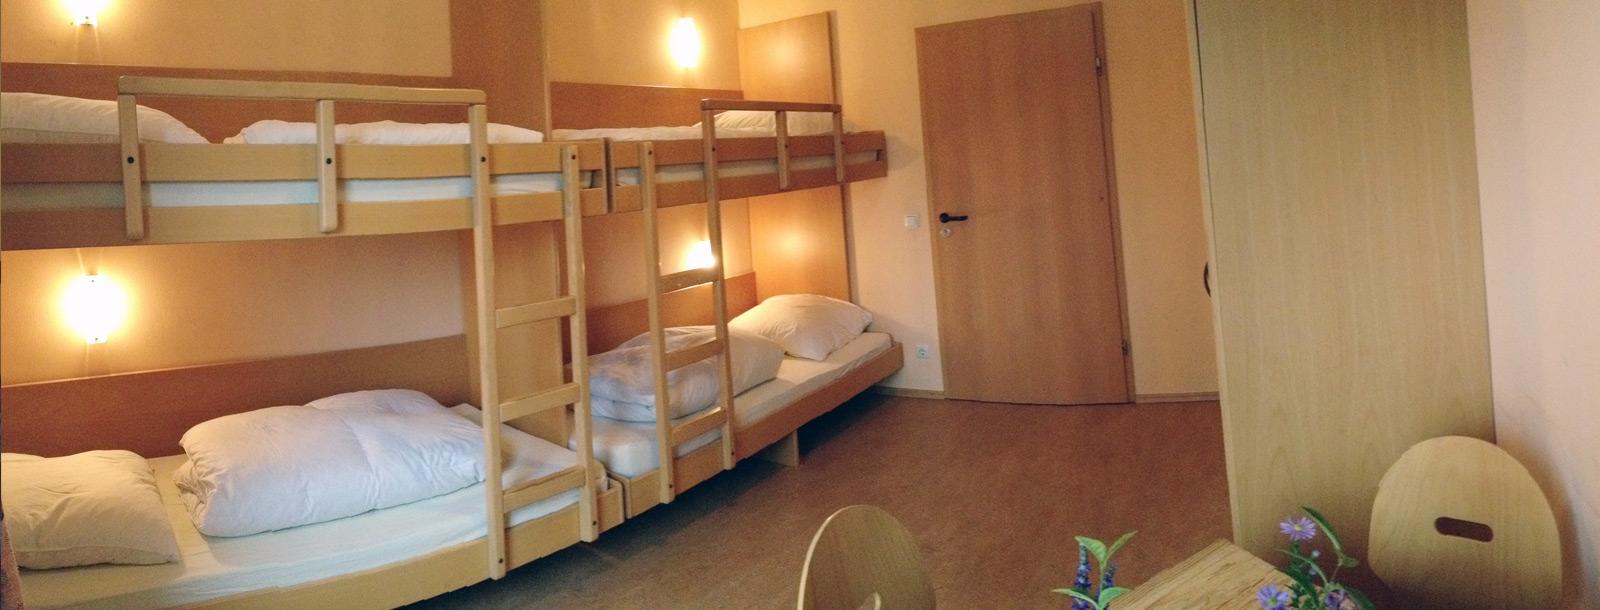 cvjm_freizeithaus_schlafzimmer